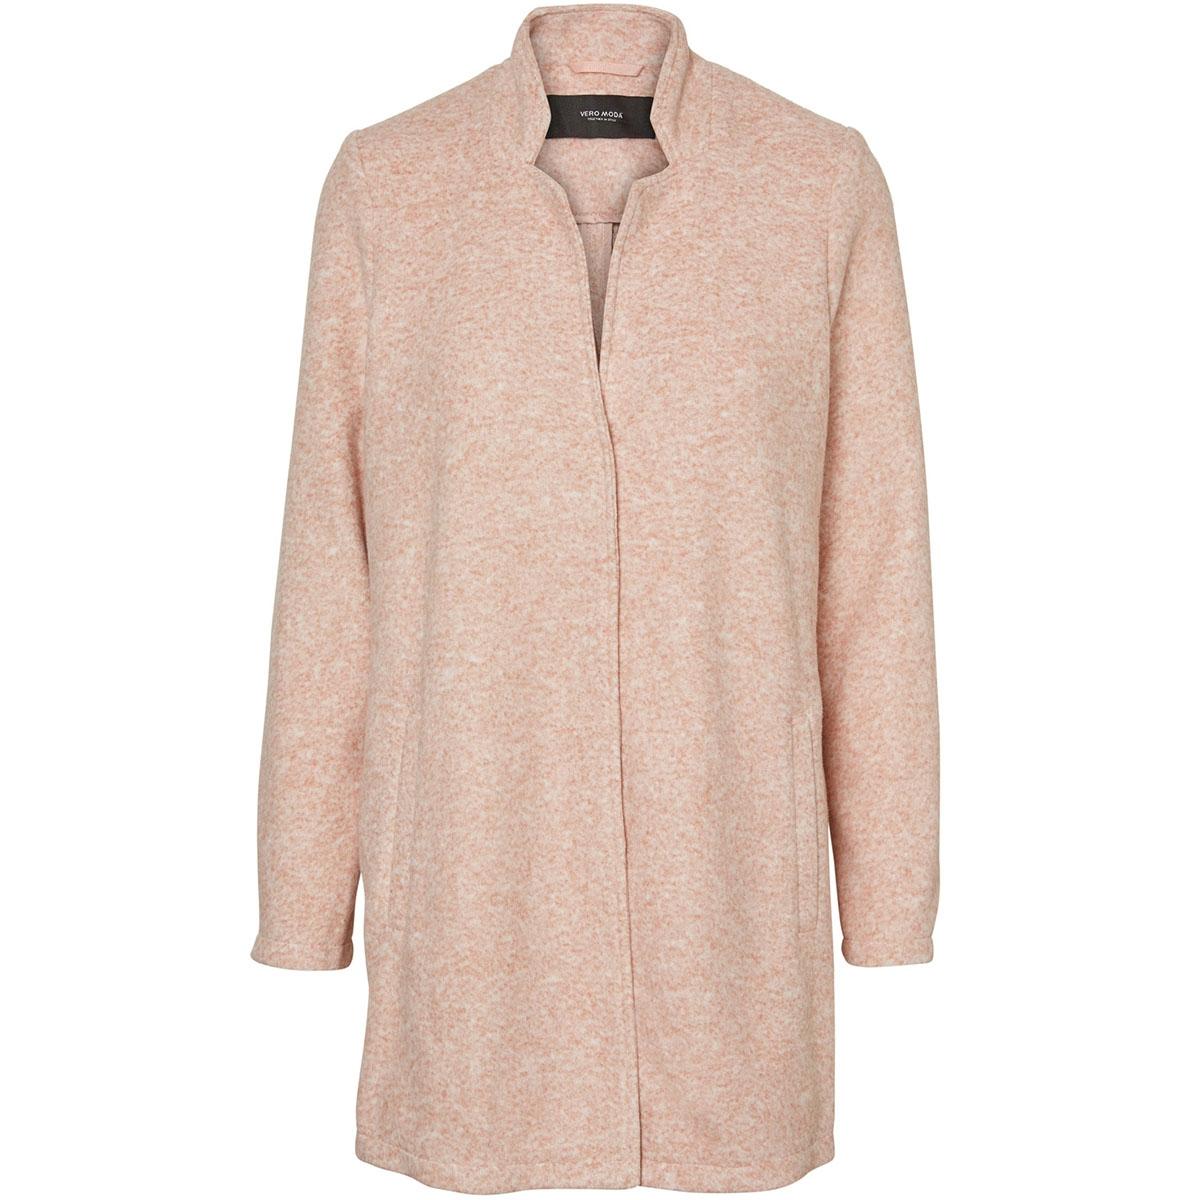 vmbrushed katrine  3/4 jacket boos 10198835 vero moda jas old rose